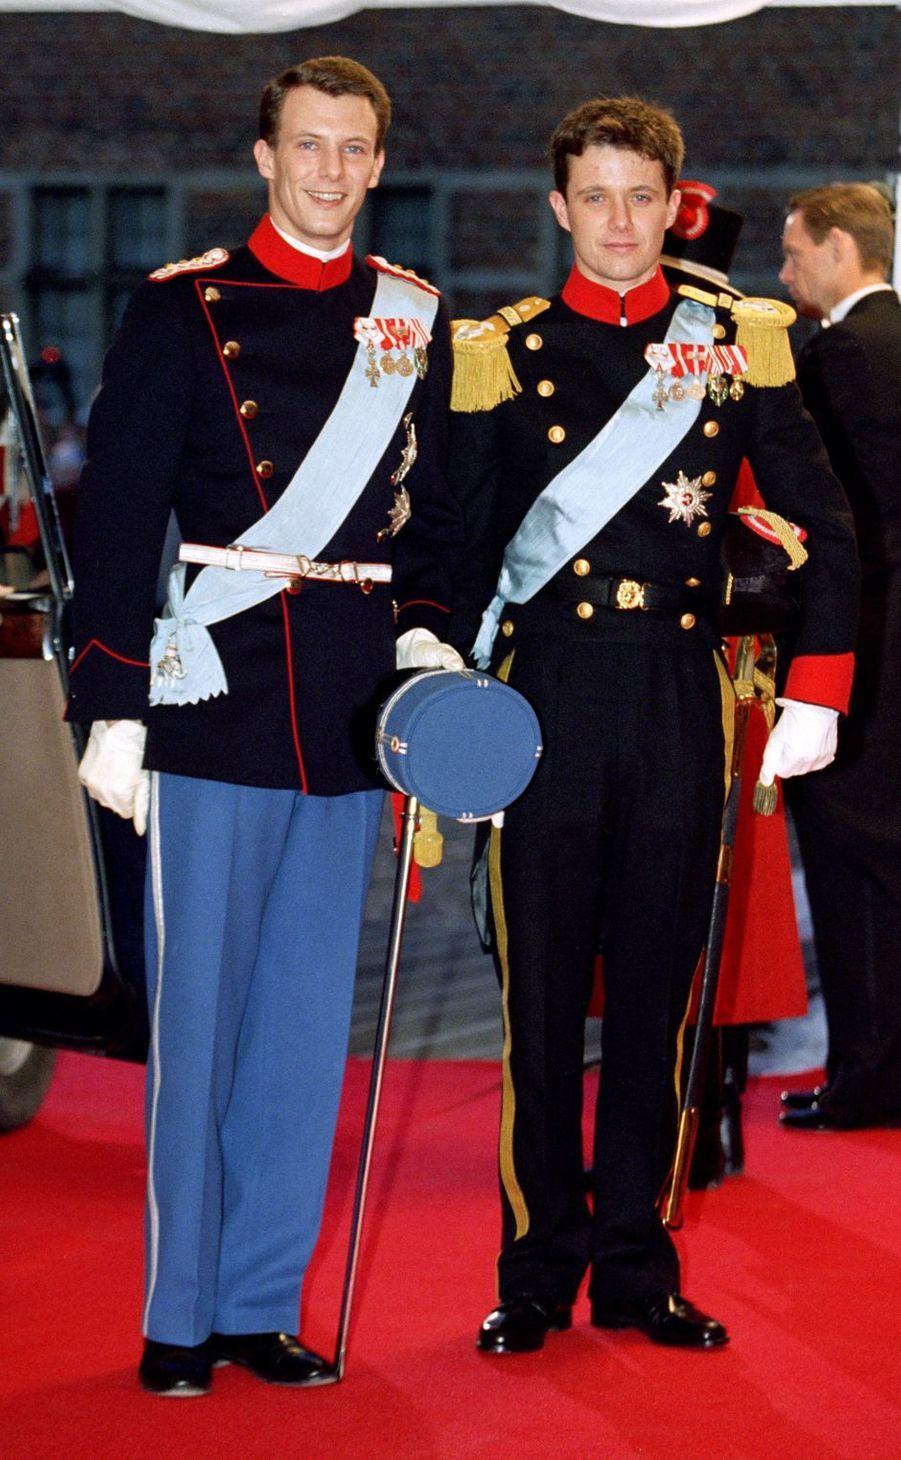 Le prince Joachim de Danemark, le 18 novembre 1995, jour de son mariage à Frederiksborg, avec son frère le prince héritier Frederik